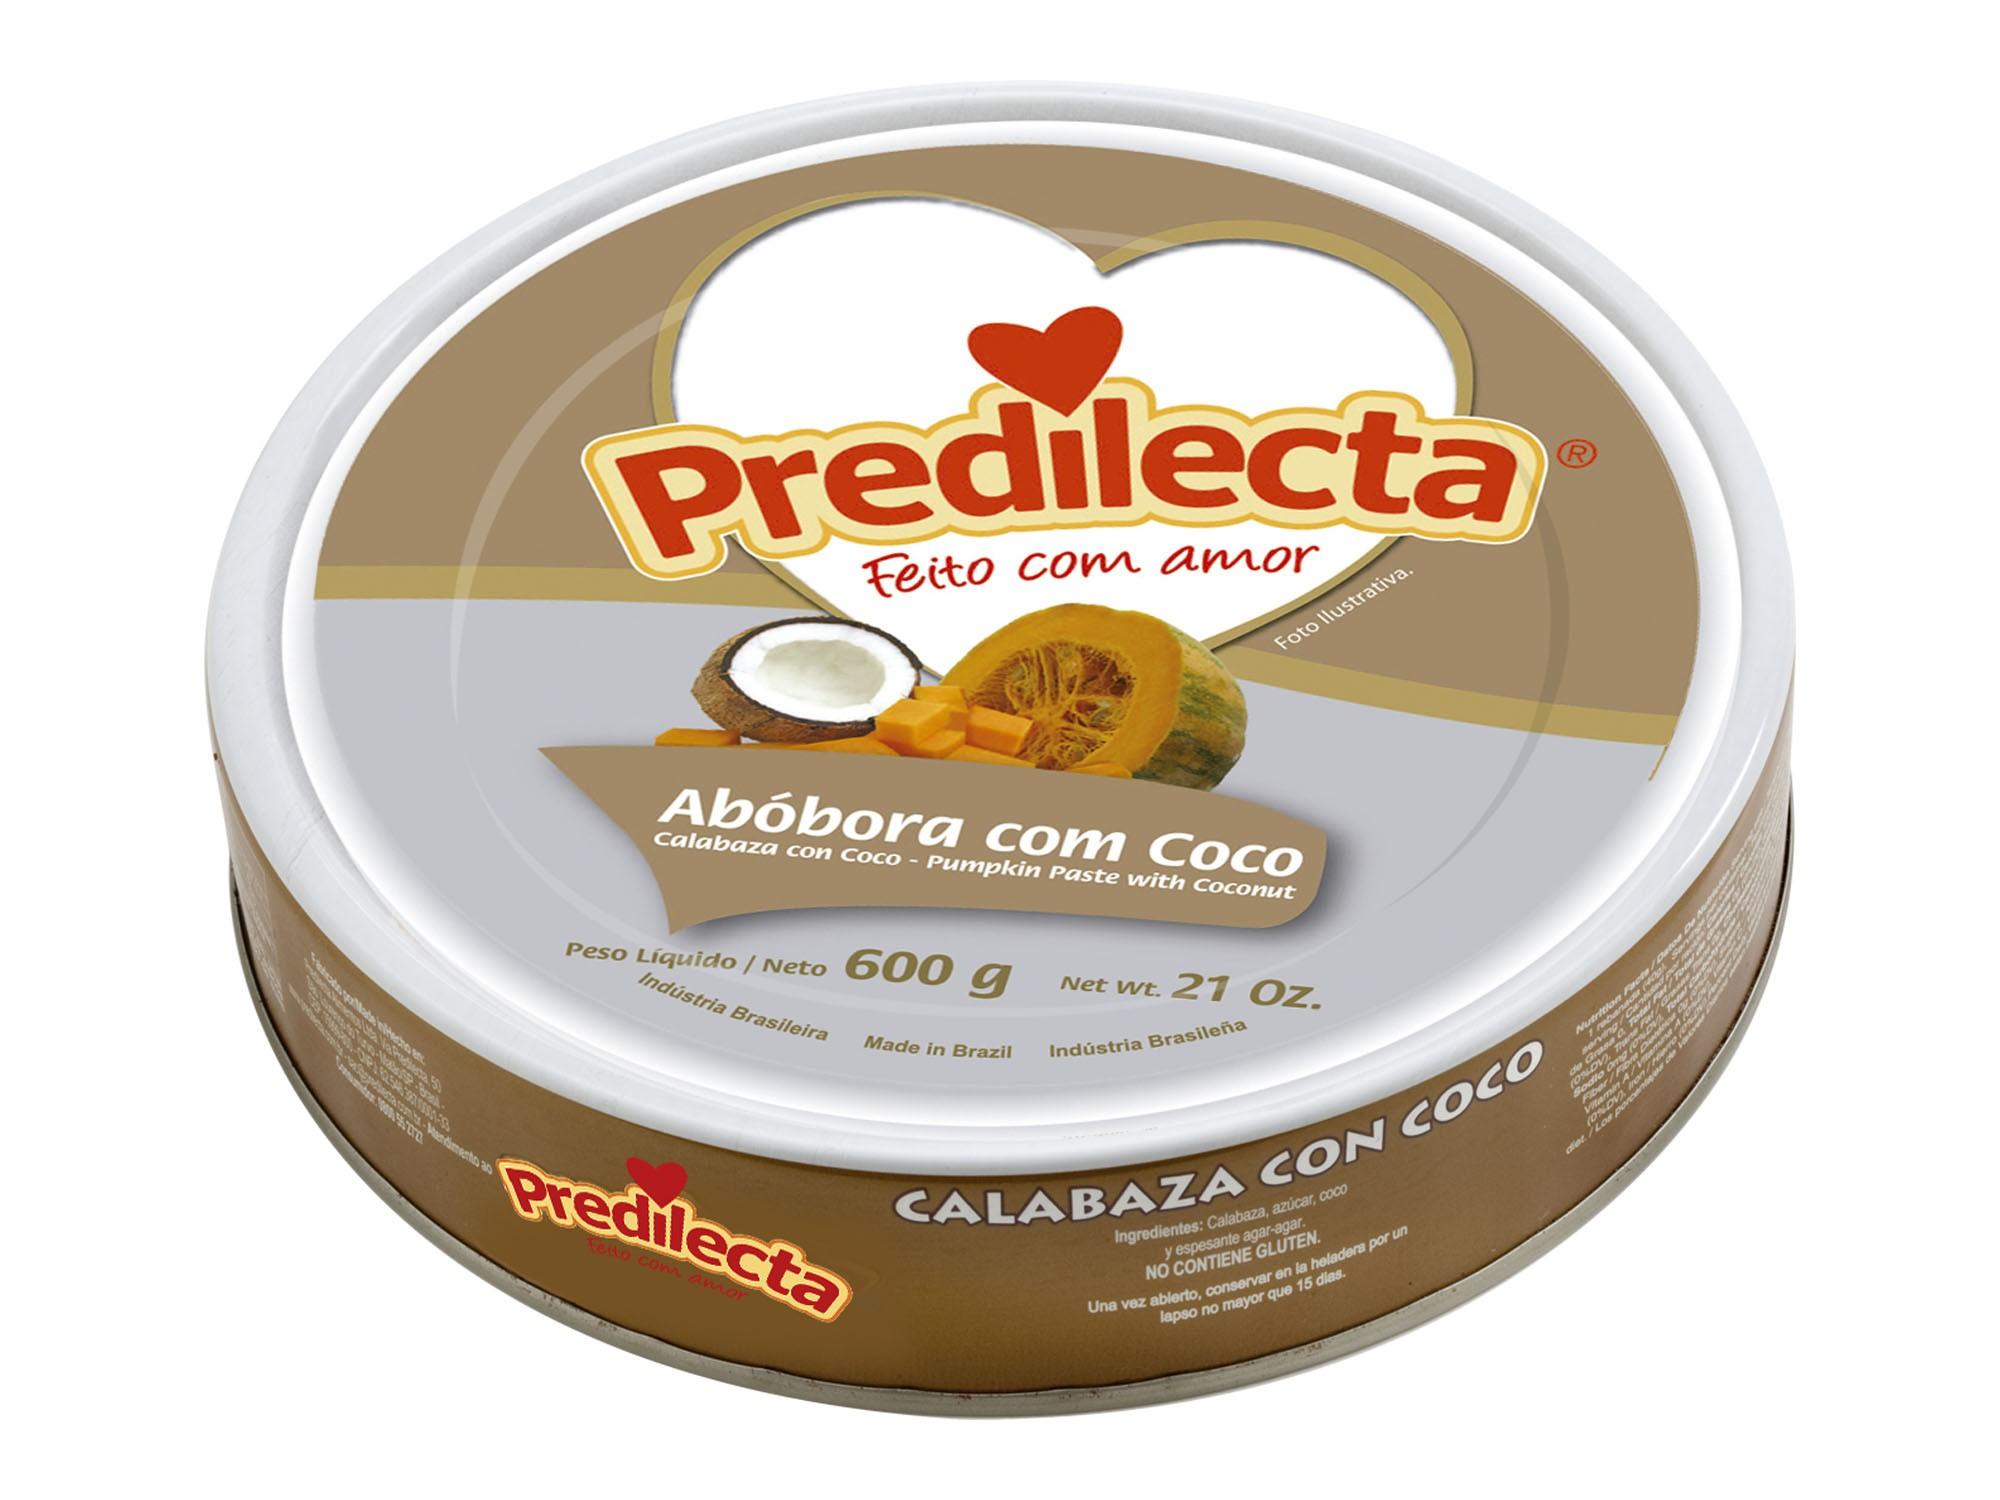 Abobora com coco Predilecta 600g Lata